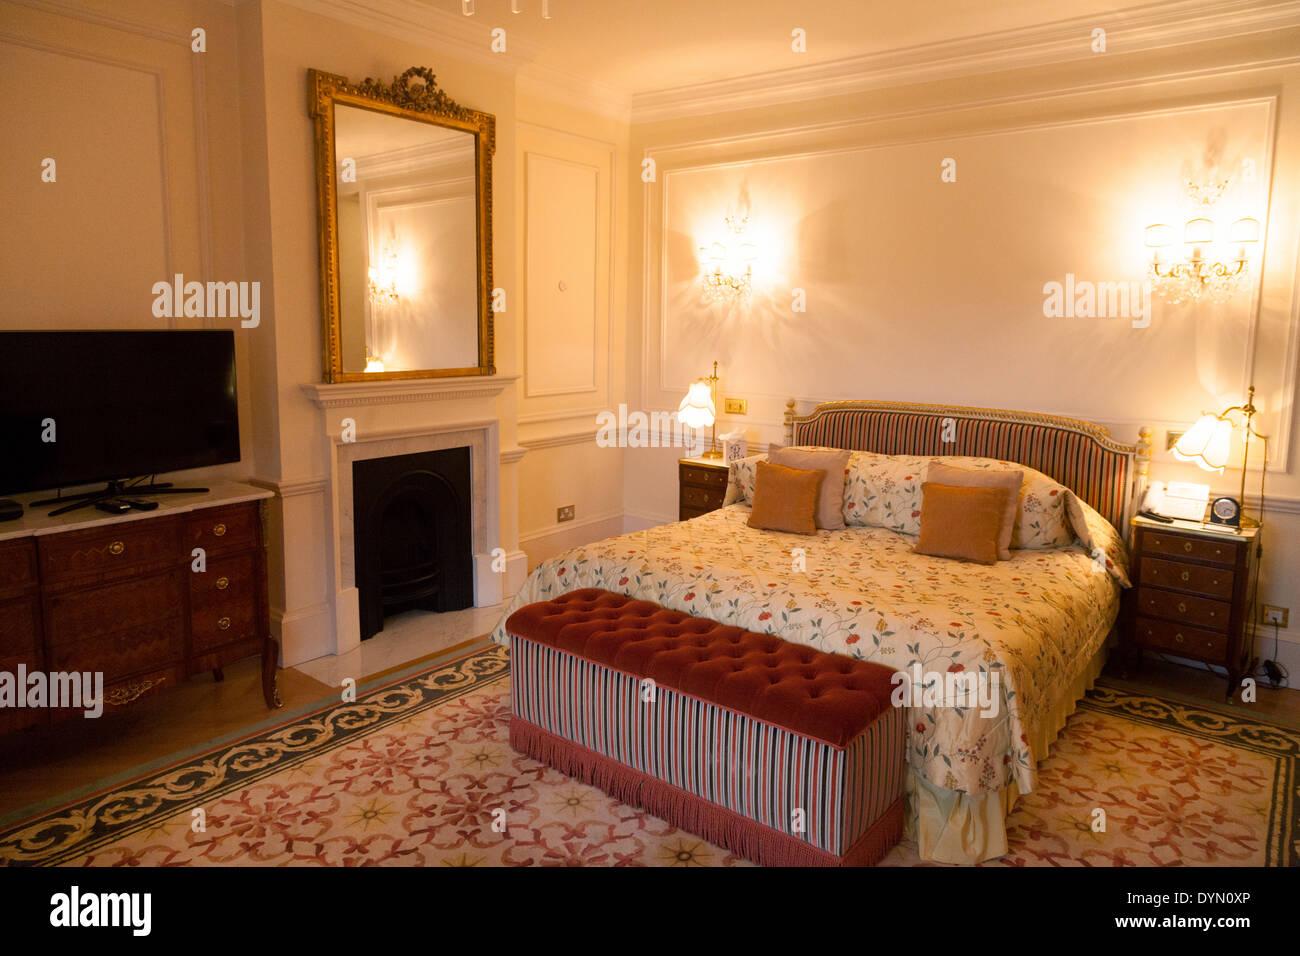 Camera Per Ospiti : Una camera per ospiti e letto in una suite di lusso l hotel ritz